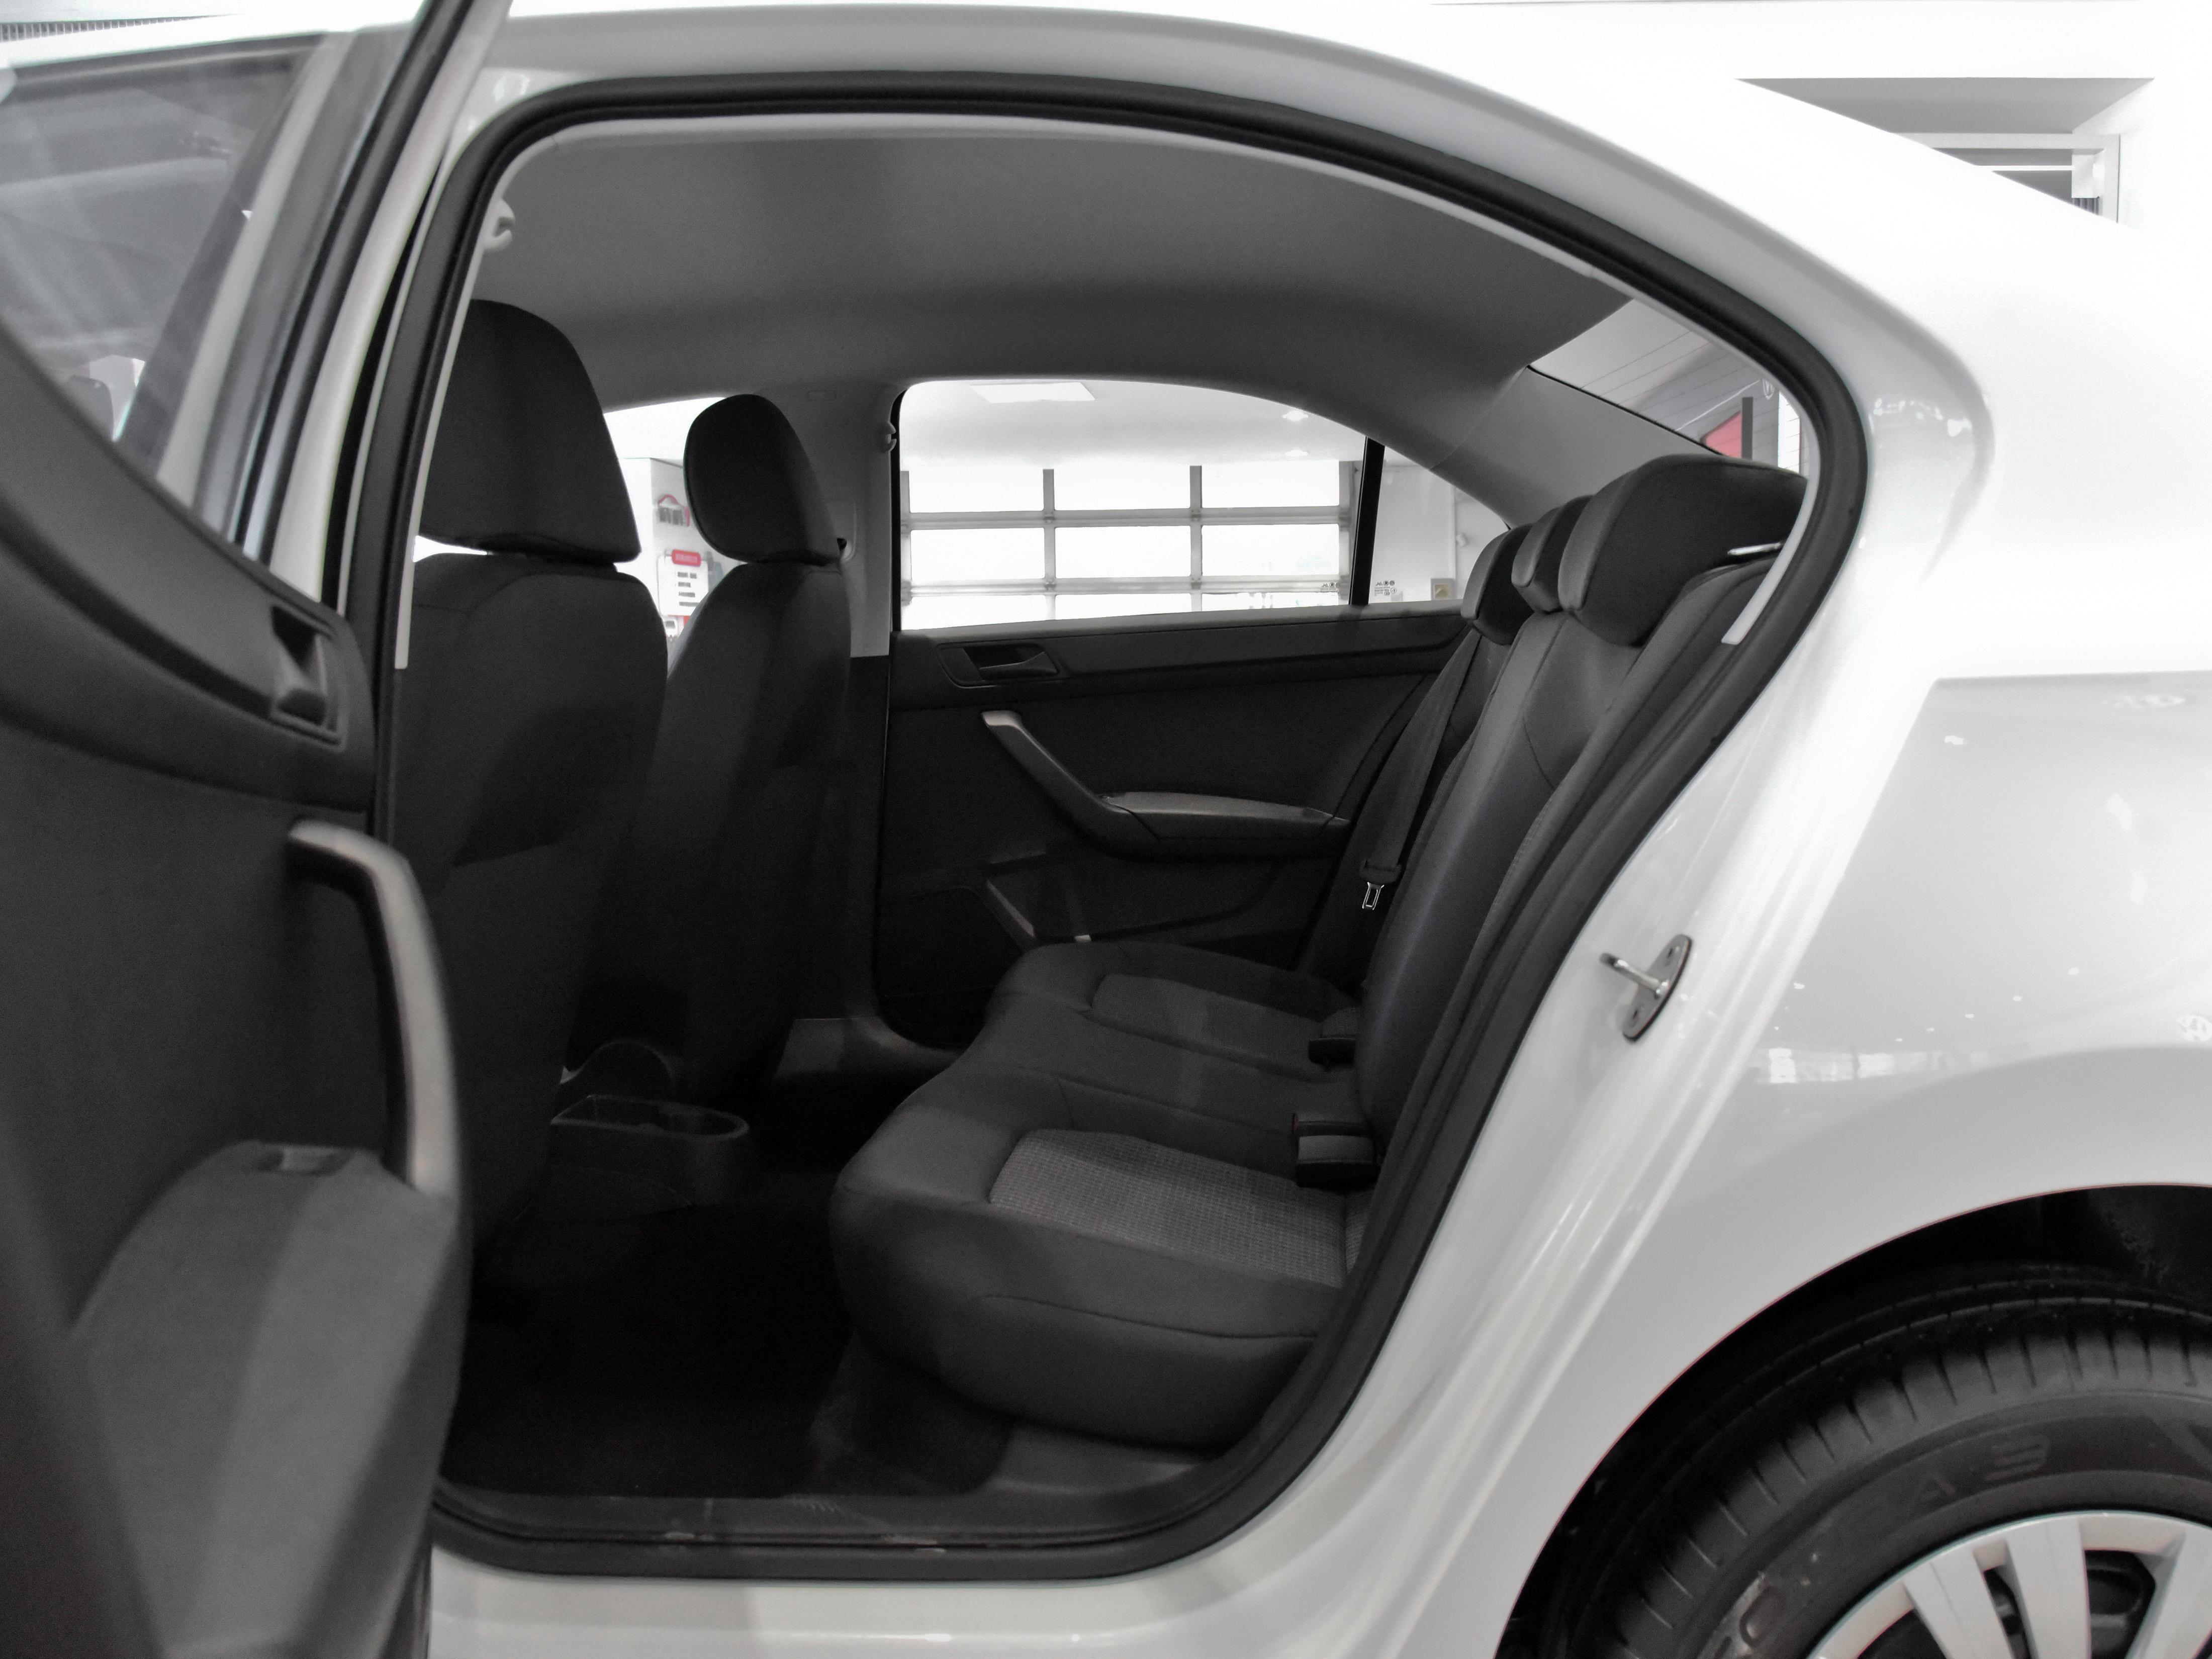 经典的造型,1.5L手动挡,油耗低配件便宜,实拍桑塔纳